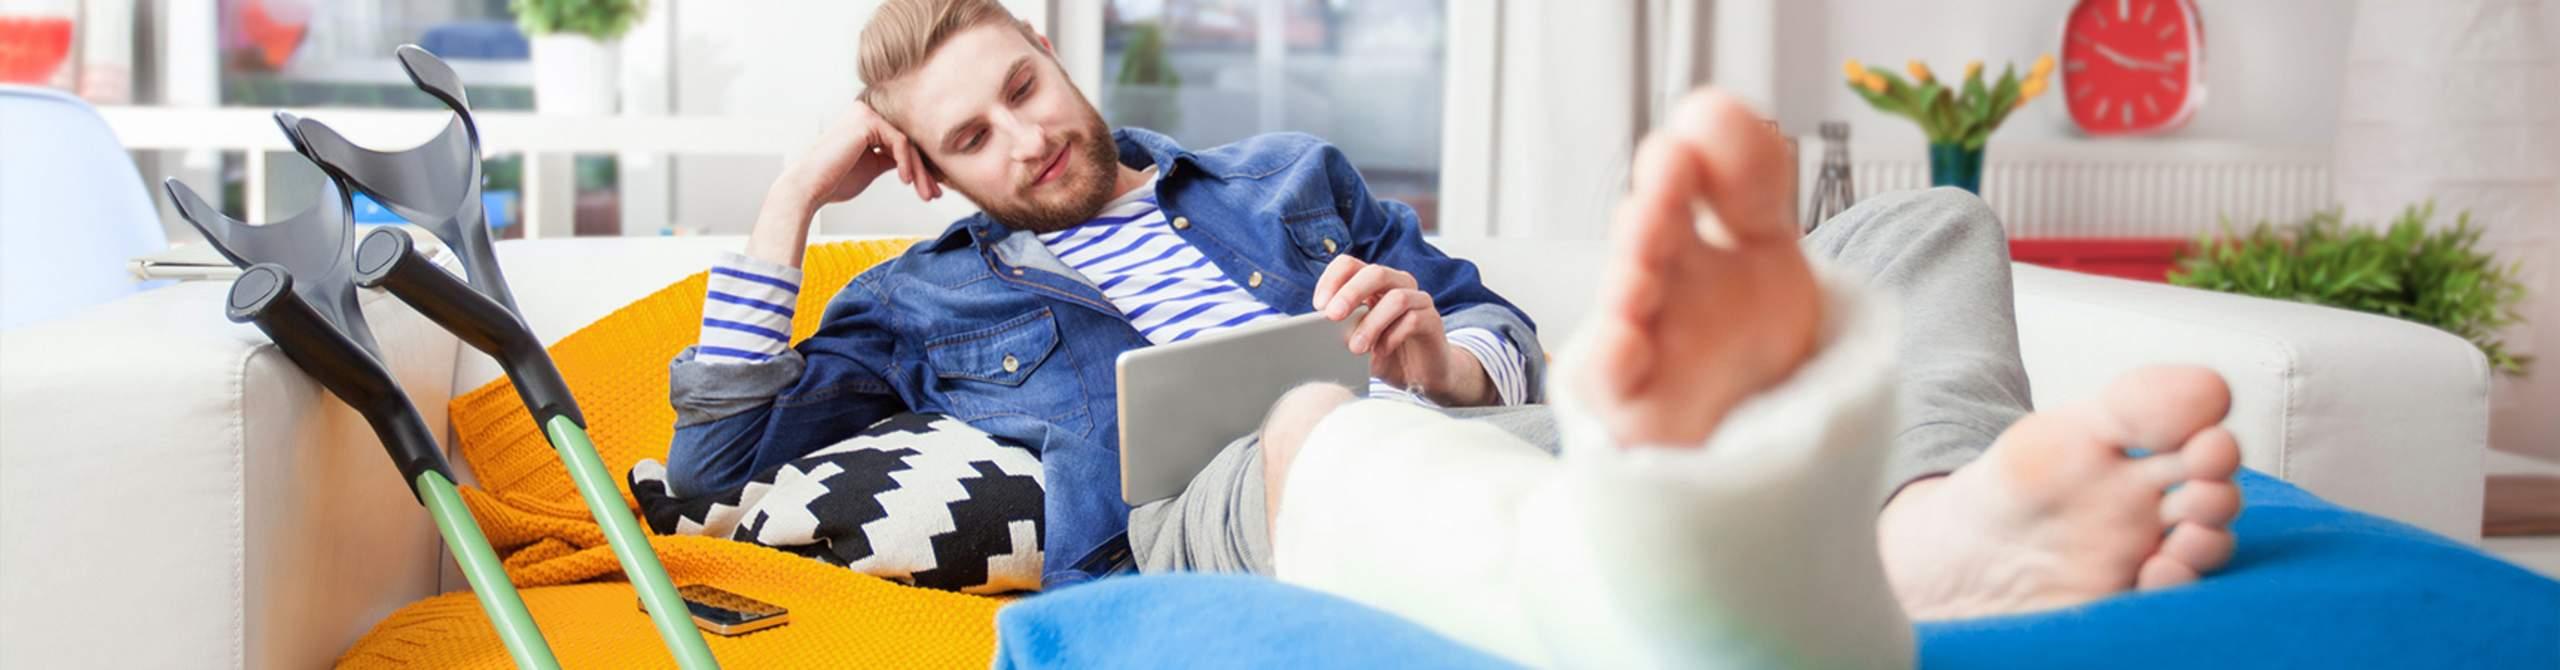 Mann mit Gipsbein recherchiert im Internet